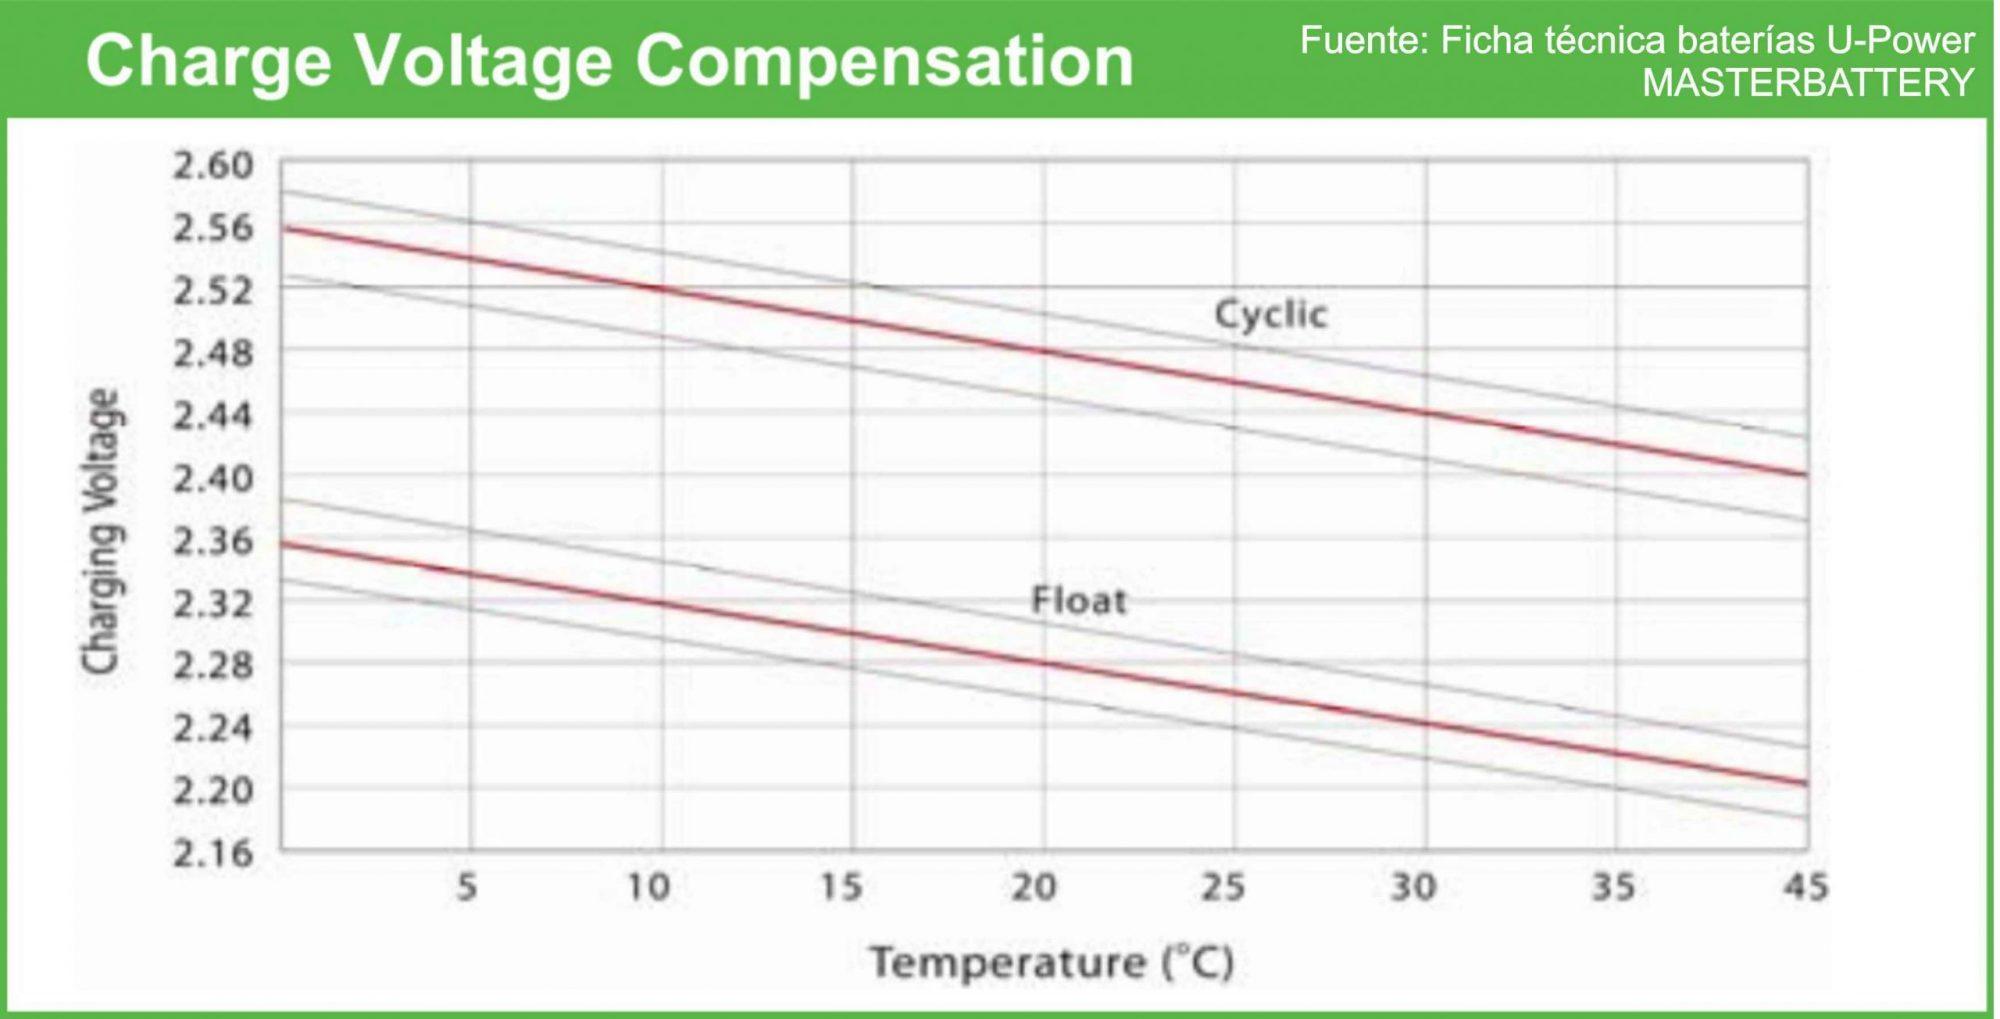 Compensación voltaje de carga según temperatura